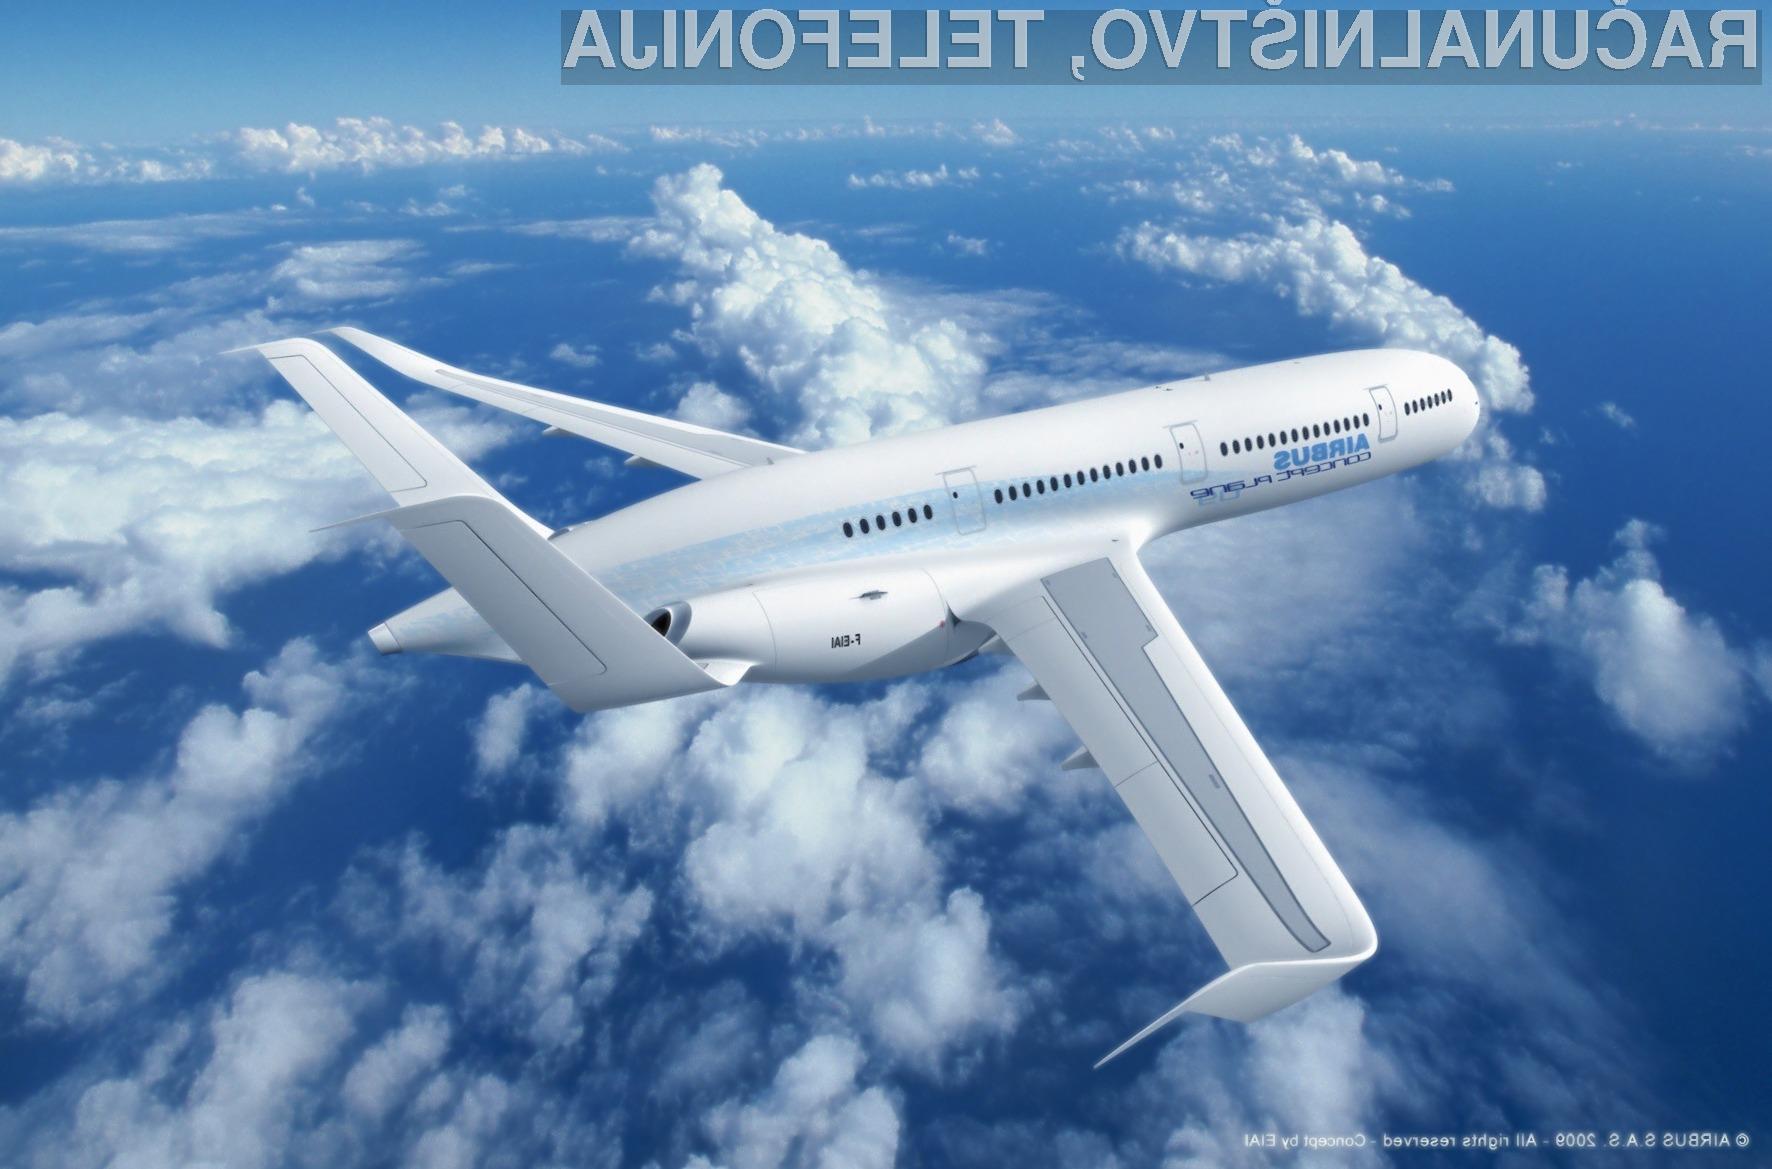 Bomo do leta 2050 leteli v jatah?